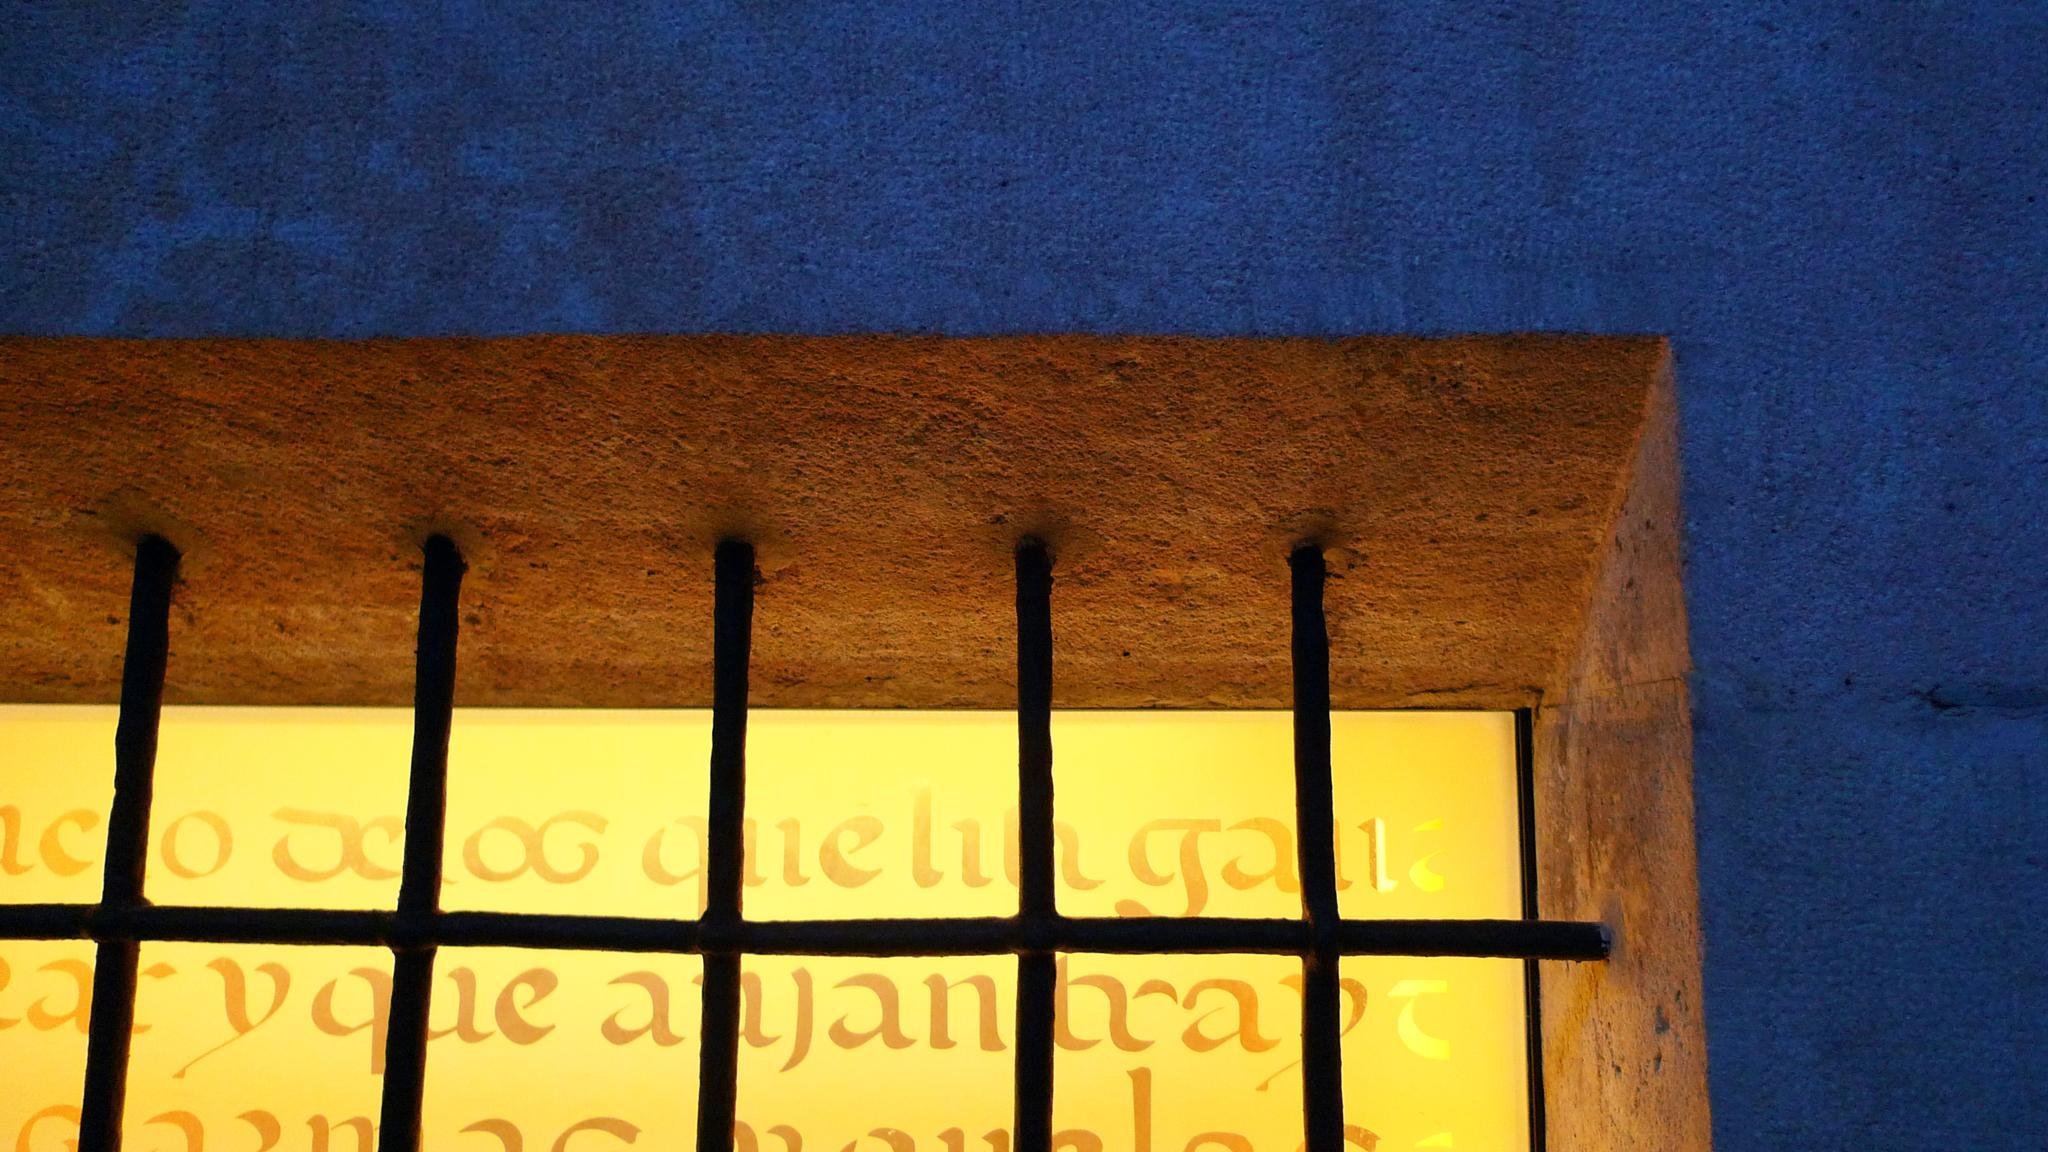 Arxiu de la Corona d'Aragó. Detall d'una finestra (Barcelona) by bescosx